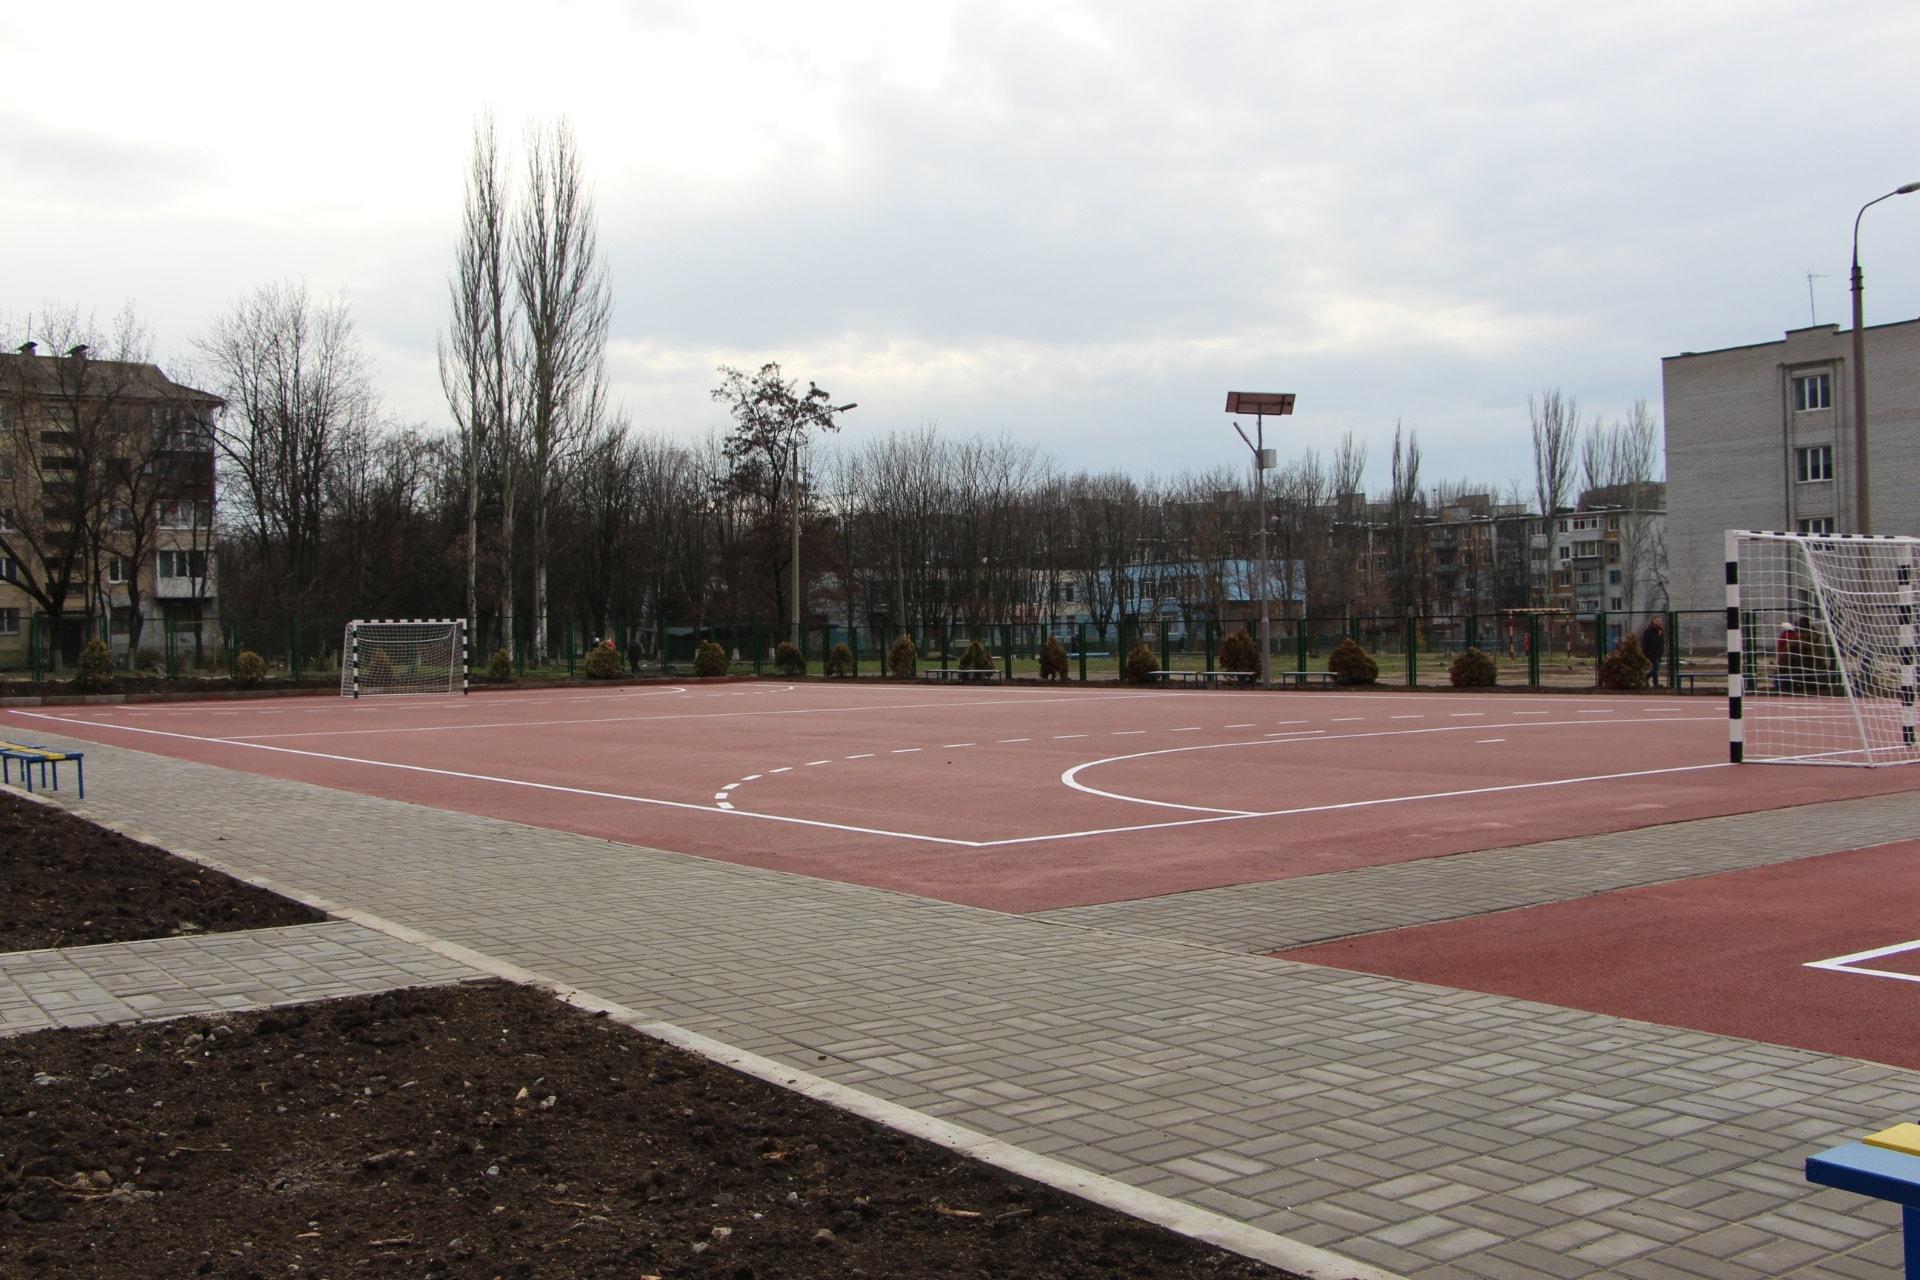 Пять из семи: в Запорожье открыли новый многофункциональный стадион - ФОТО